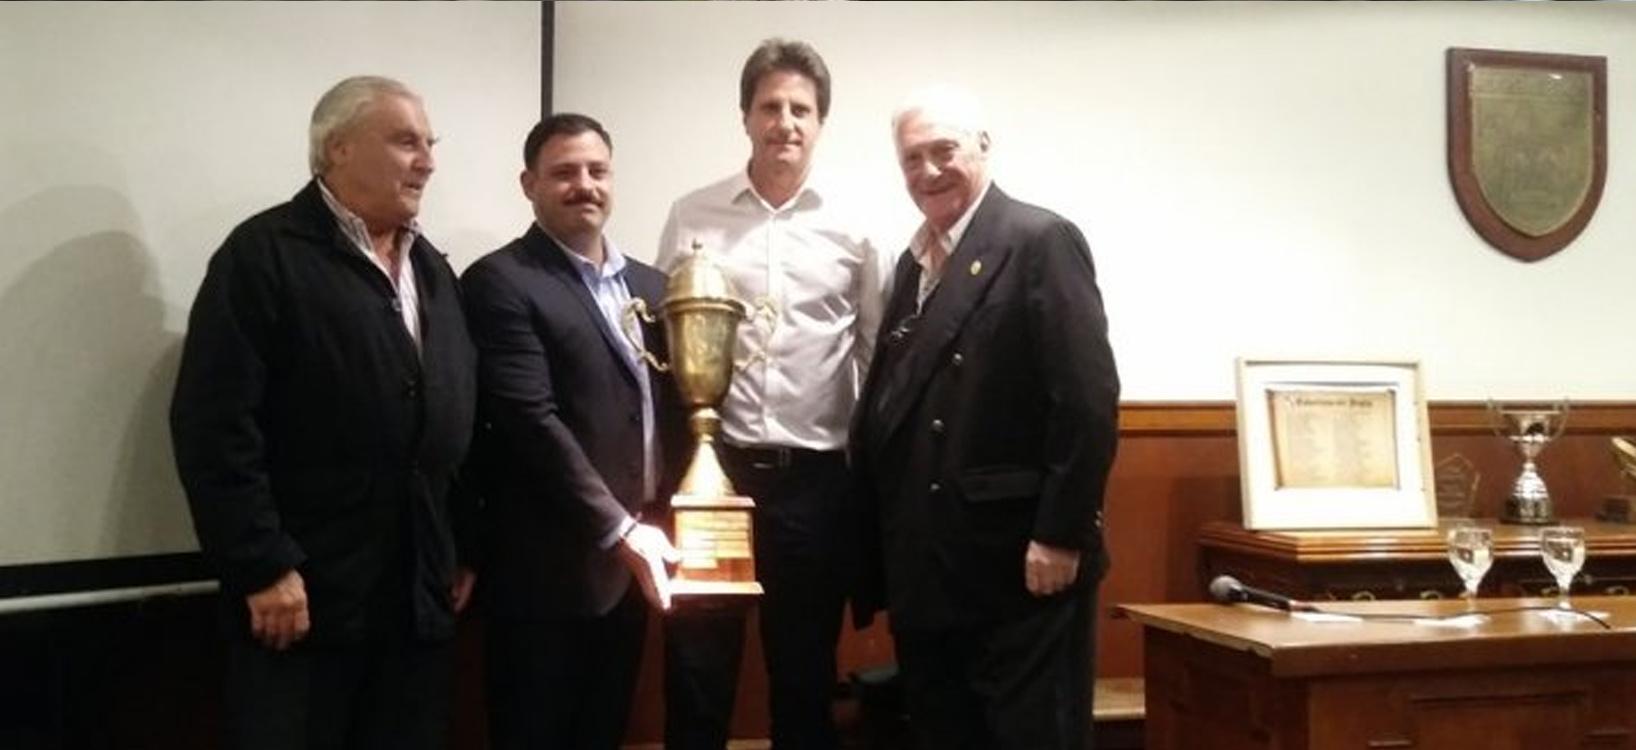 Medalla al Caballero y Copa Espiritu del Rugby